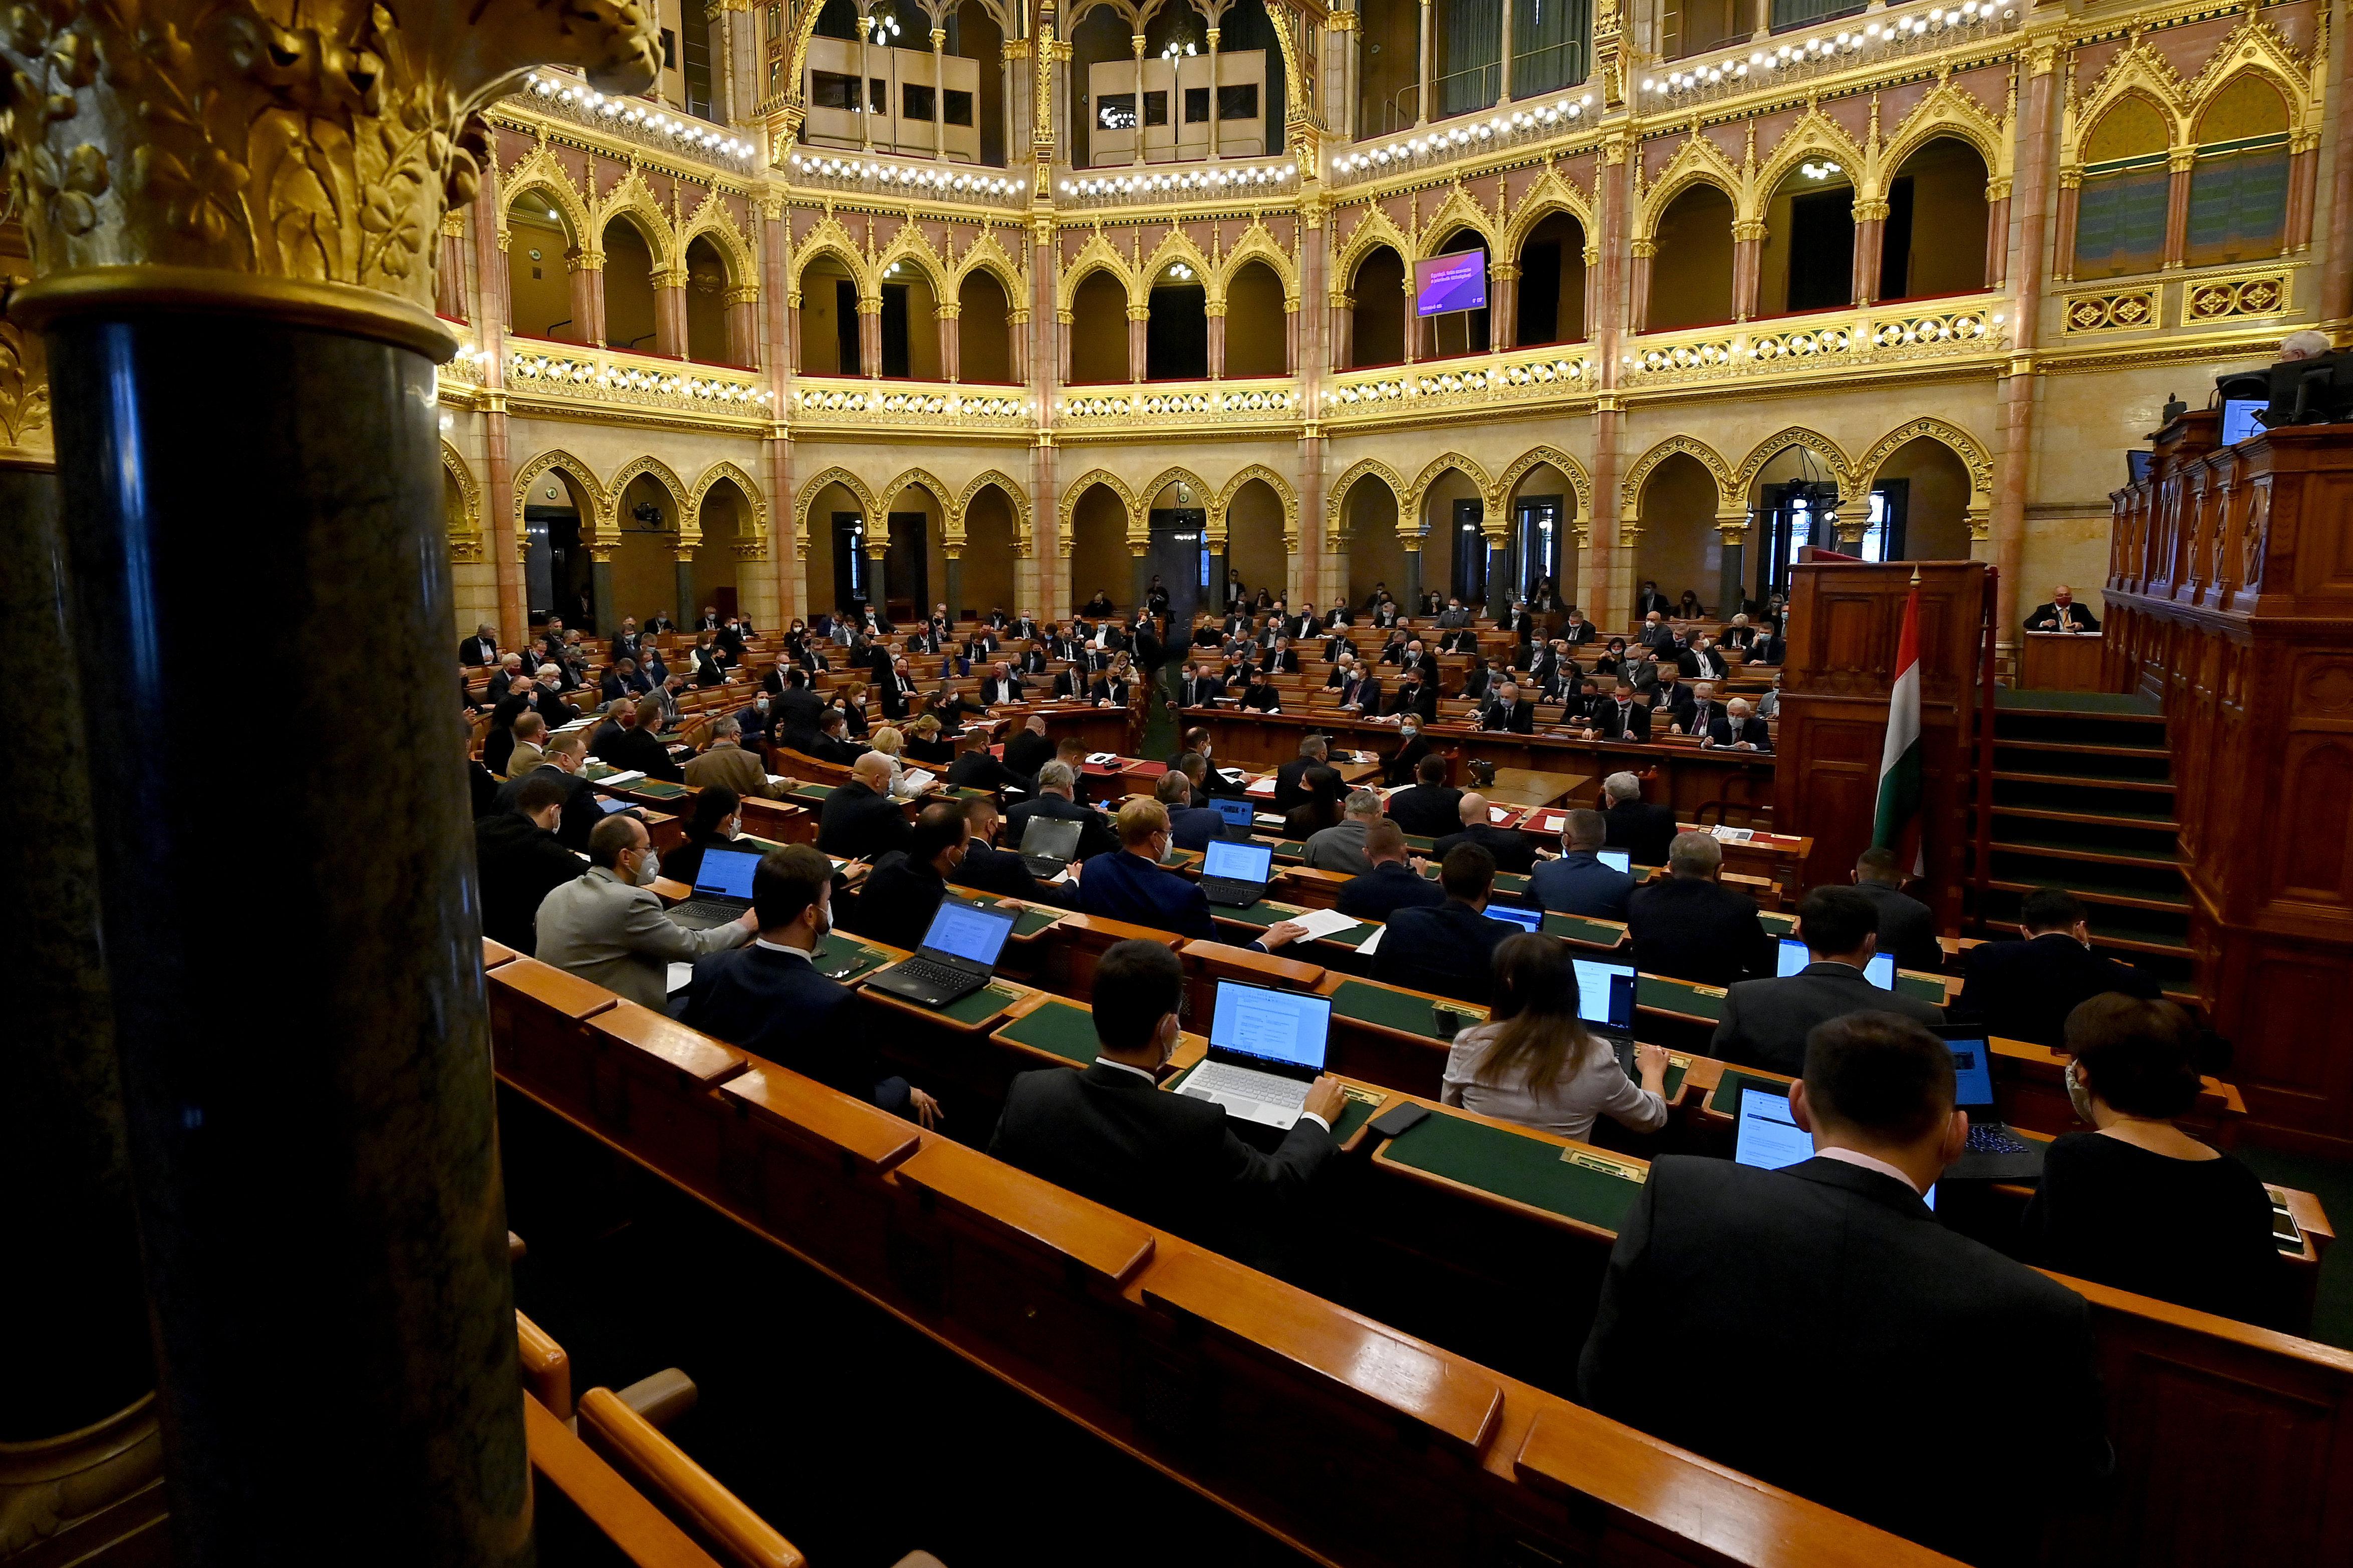 Megint lesöpörték az asztalról Szél Bernadett javaslatát a parlamenti munka online térbe költöztetéséről